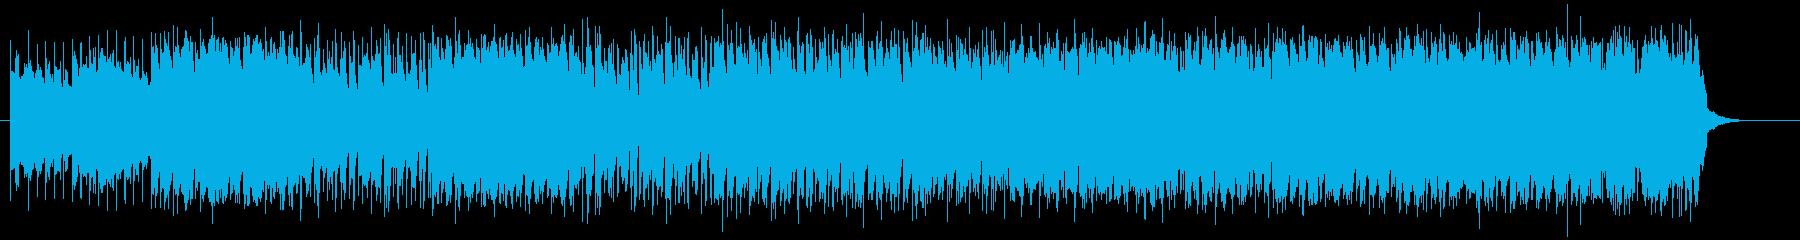 クールでファンタジックなエレキサウンドの再生済みの波形